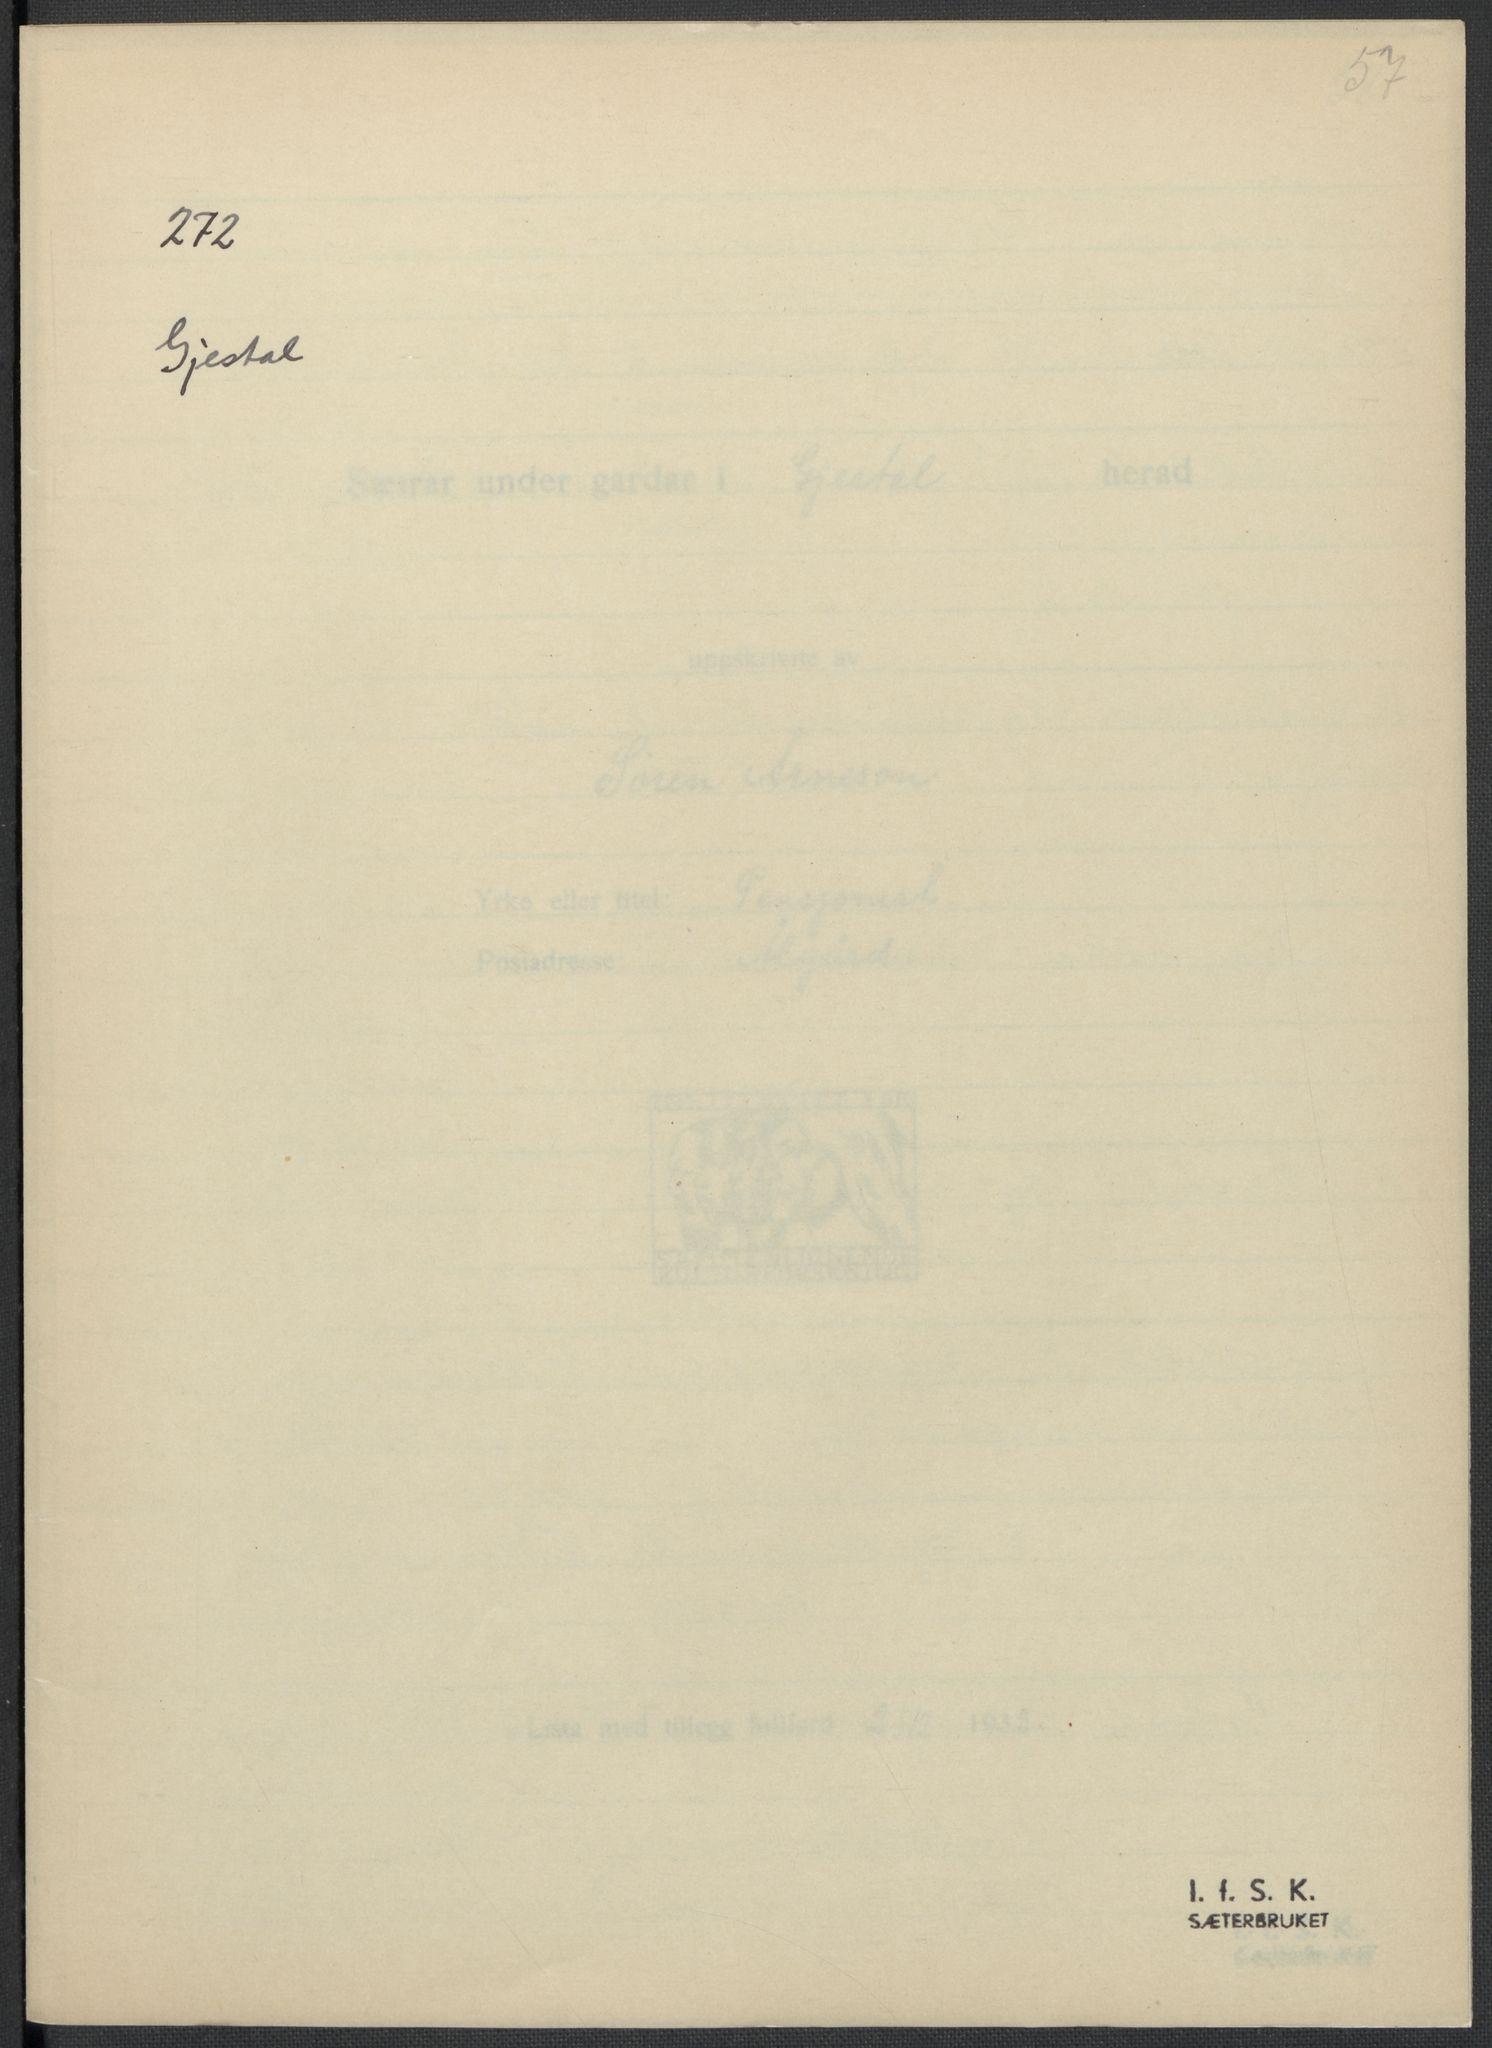 RA, Instituttet for sammenlignende kulturforskning, F/Fc/L0009: Eske B9:, 1932-1935, s. 57